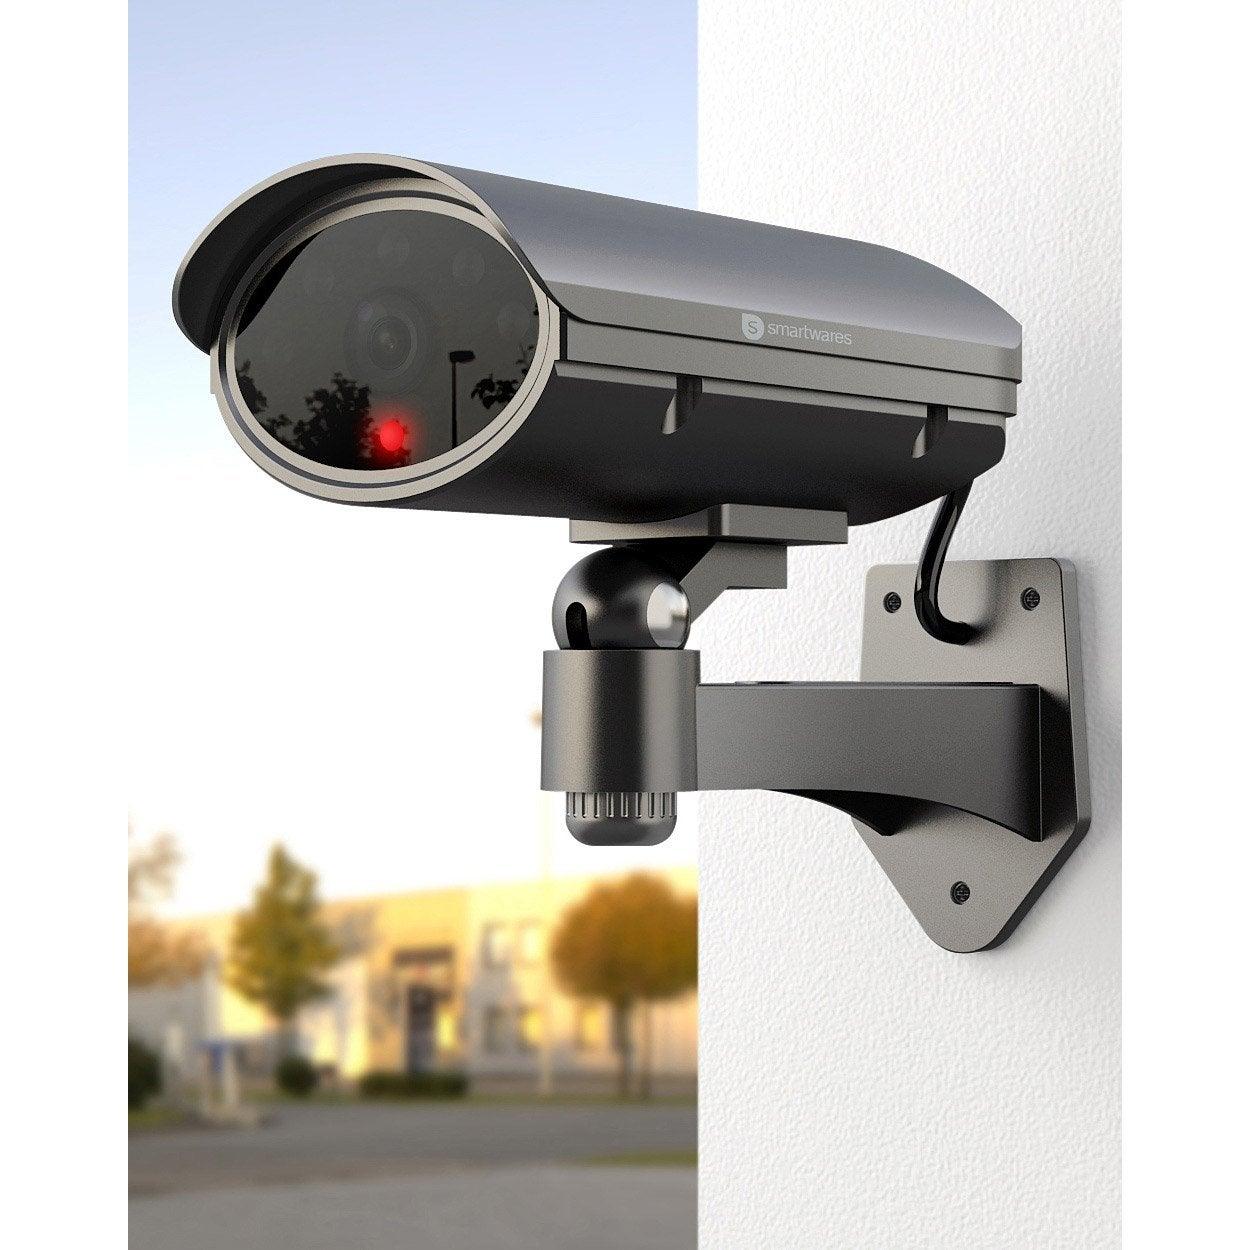 Caméra Factice Motorisée Smartwares Cs90d